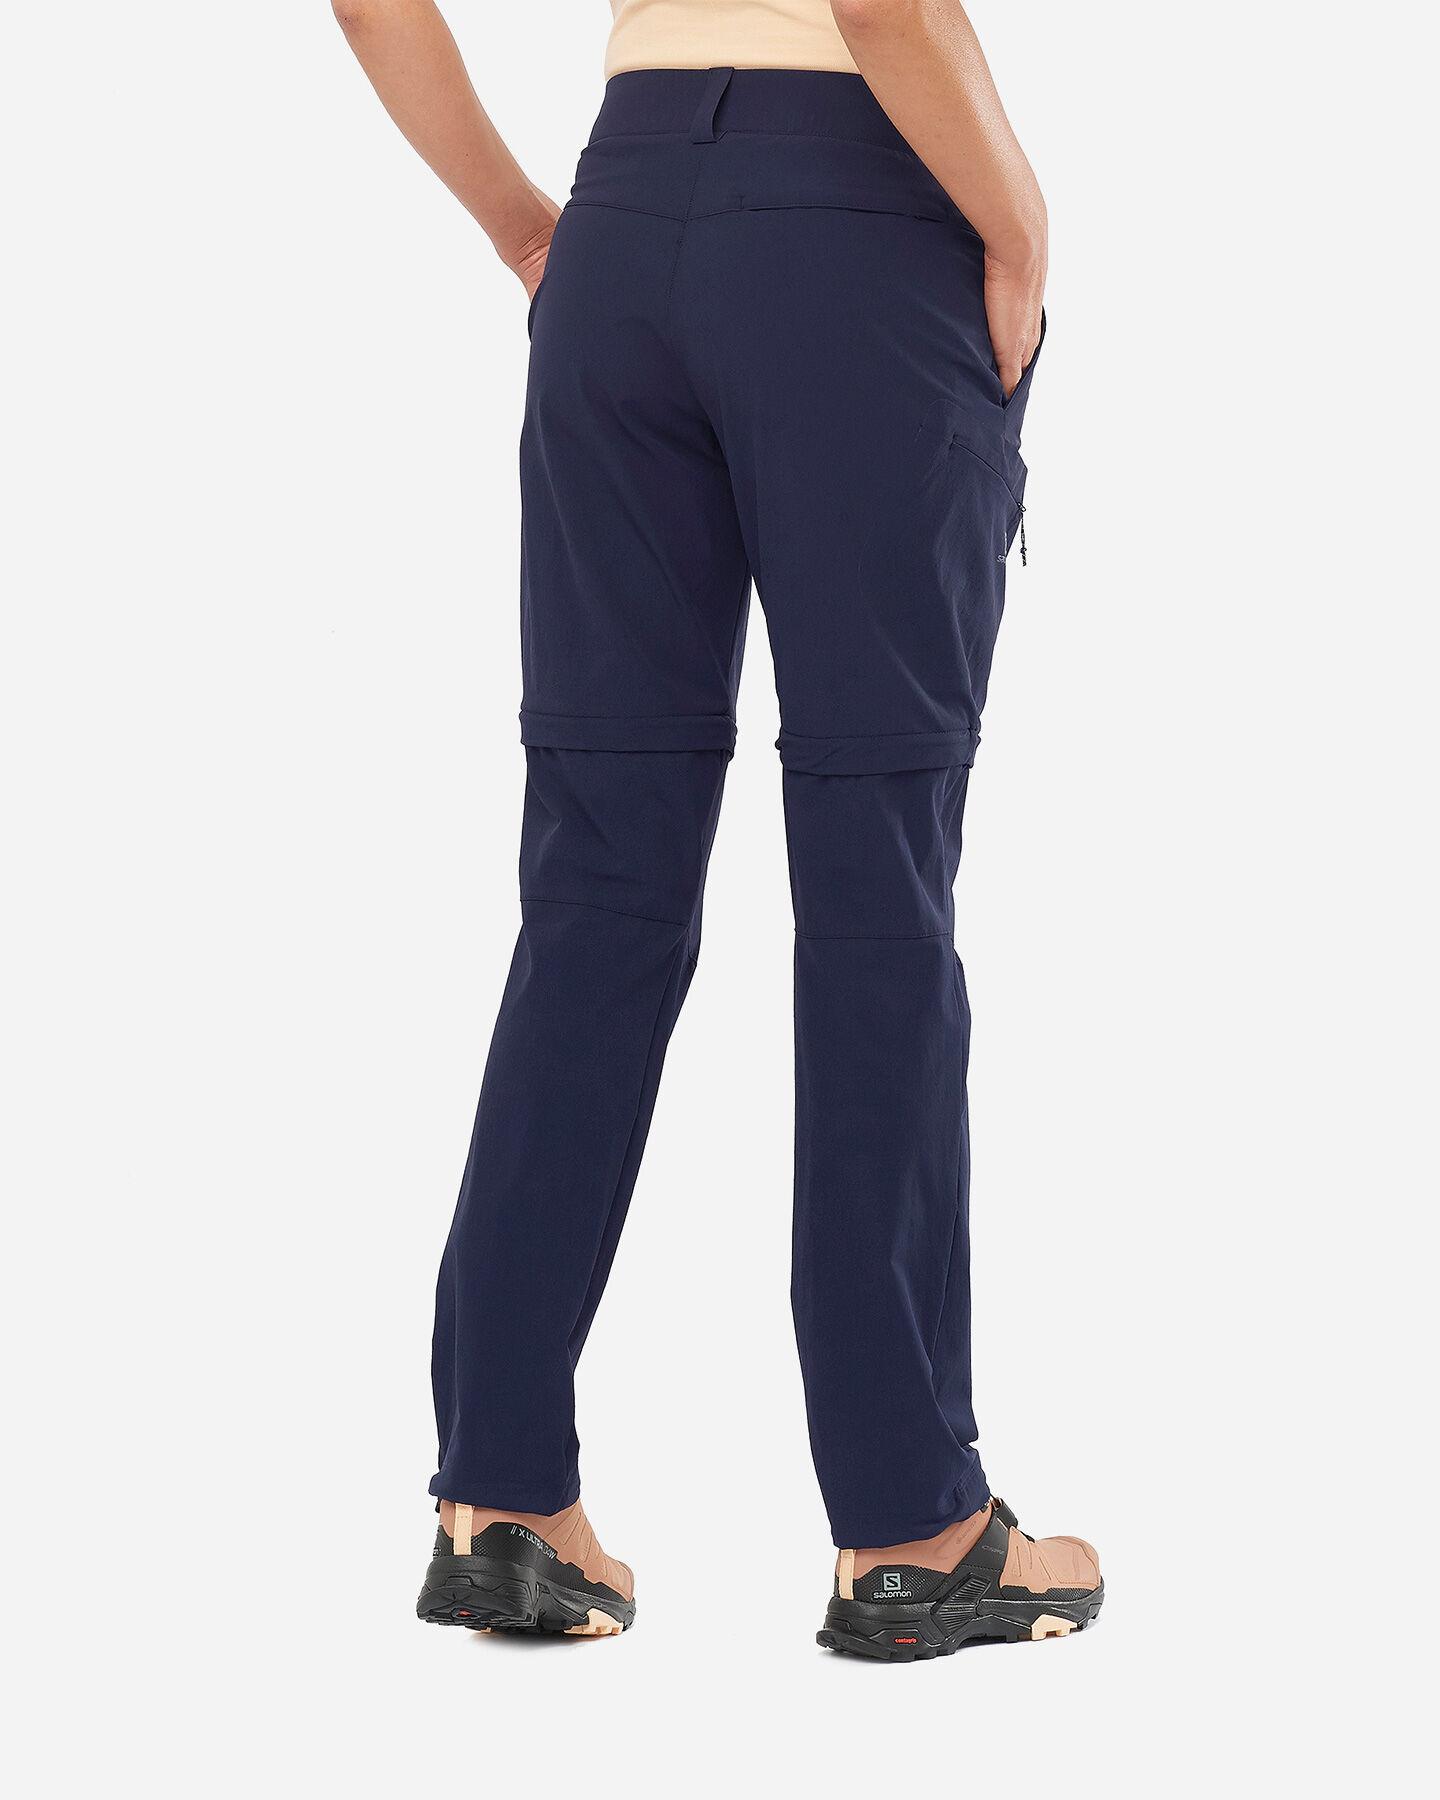 Pantalone outdoor SALOMON OUTLINE W S5288493 scatto 2